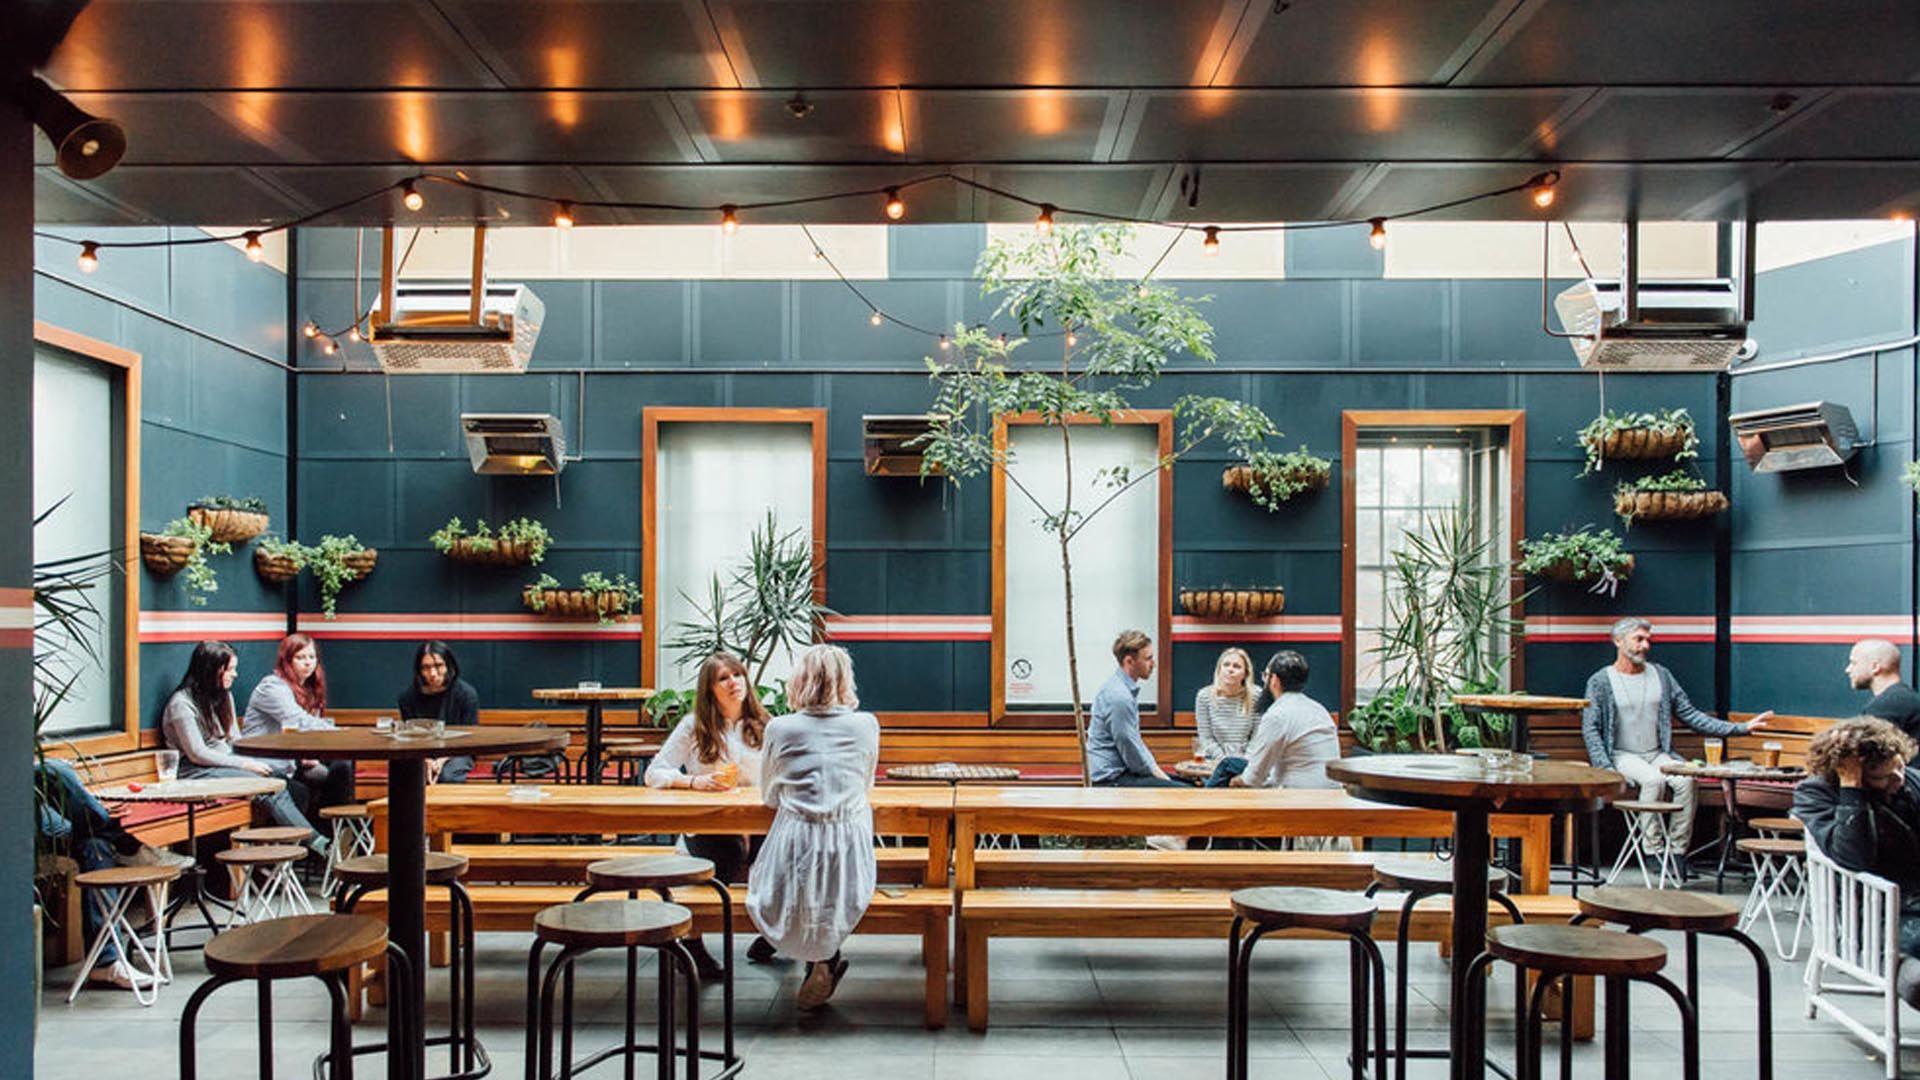 Großartig Suppenküche Denver Zeitgenössisch - Küchenschrank Ideen ...